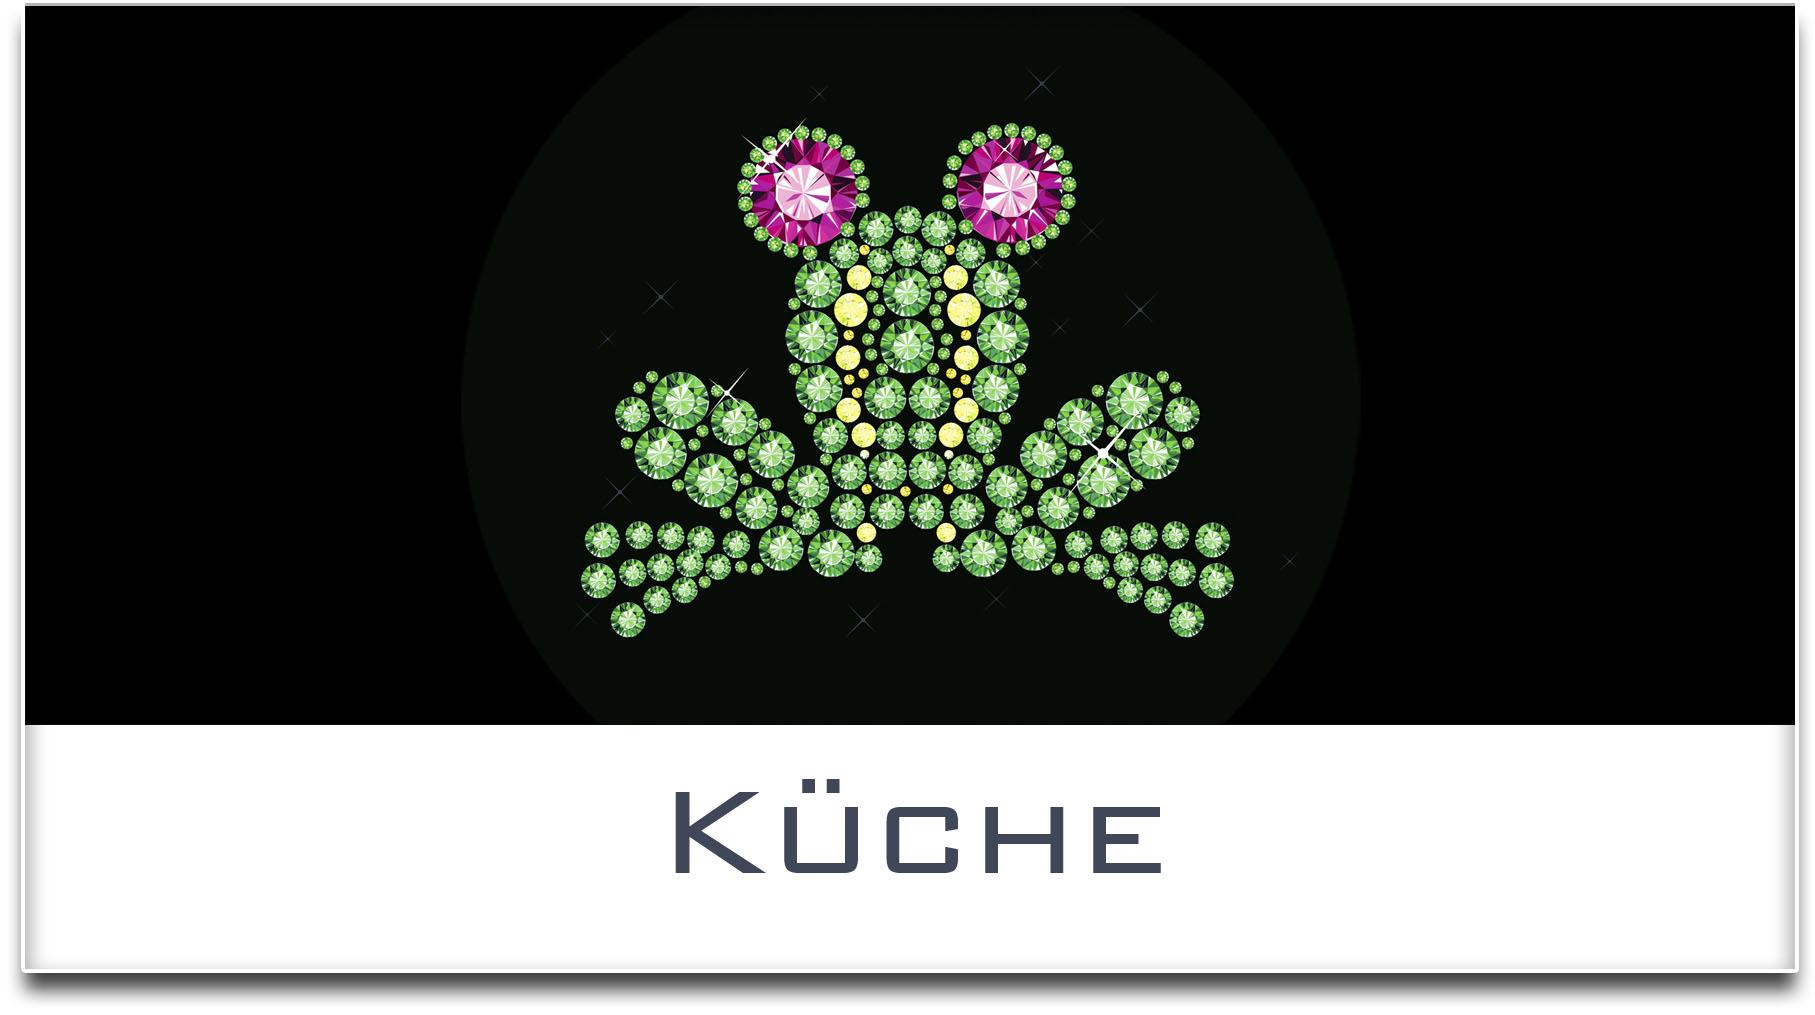 Türschild / Haustürschild / Frosch / Küche / Selbstklebend